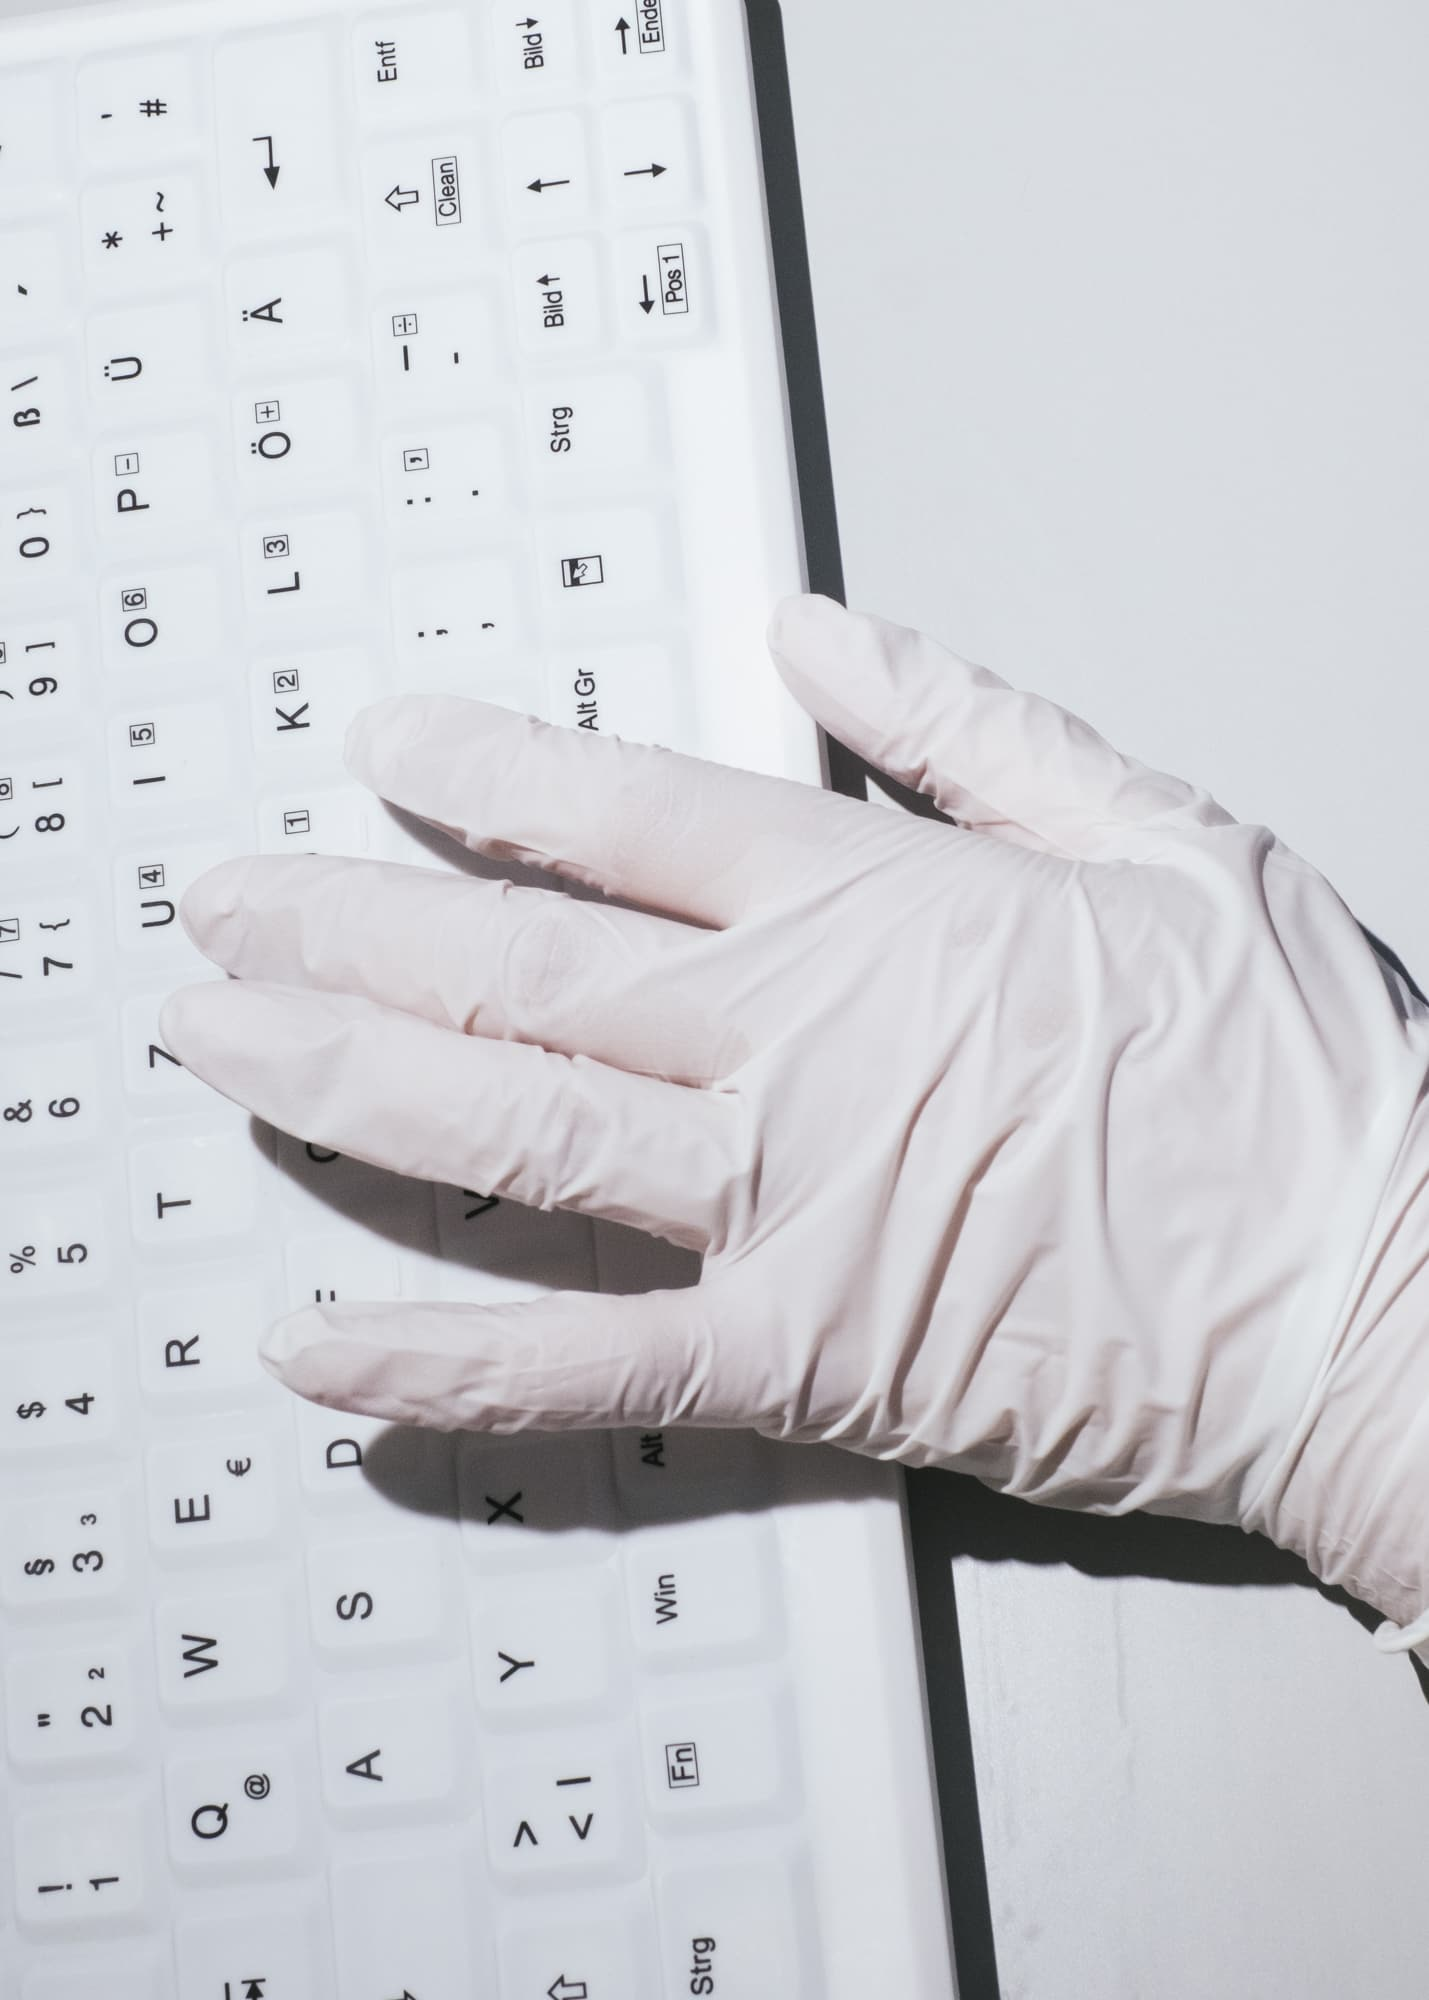 Nicht muede werden — Hand detail of a nurse typing on a computer